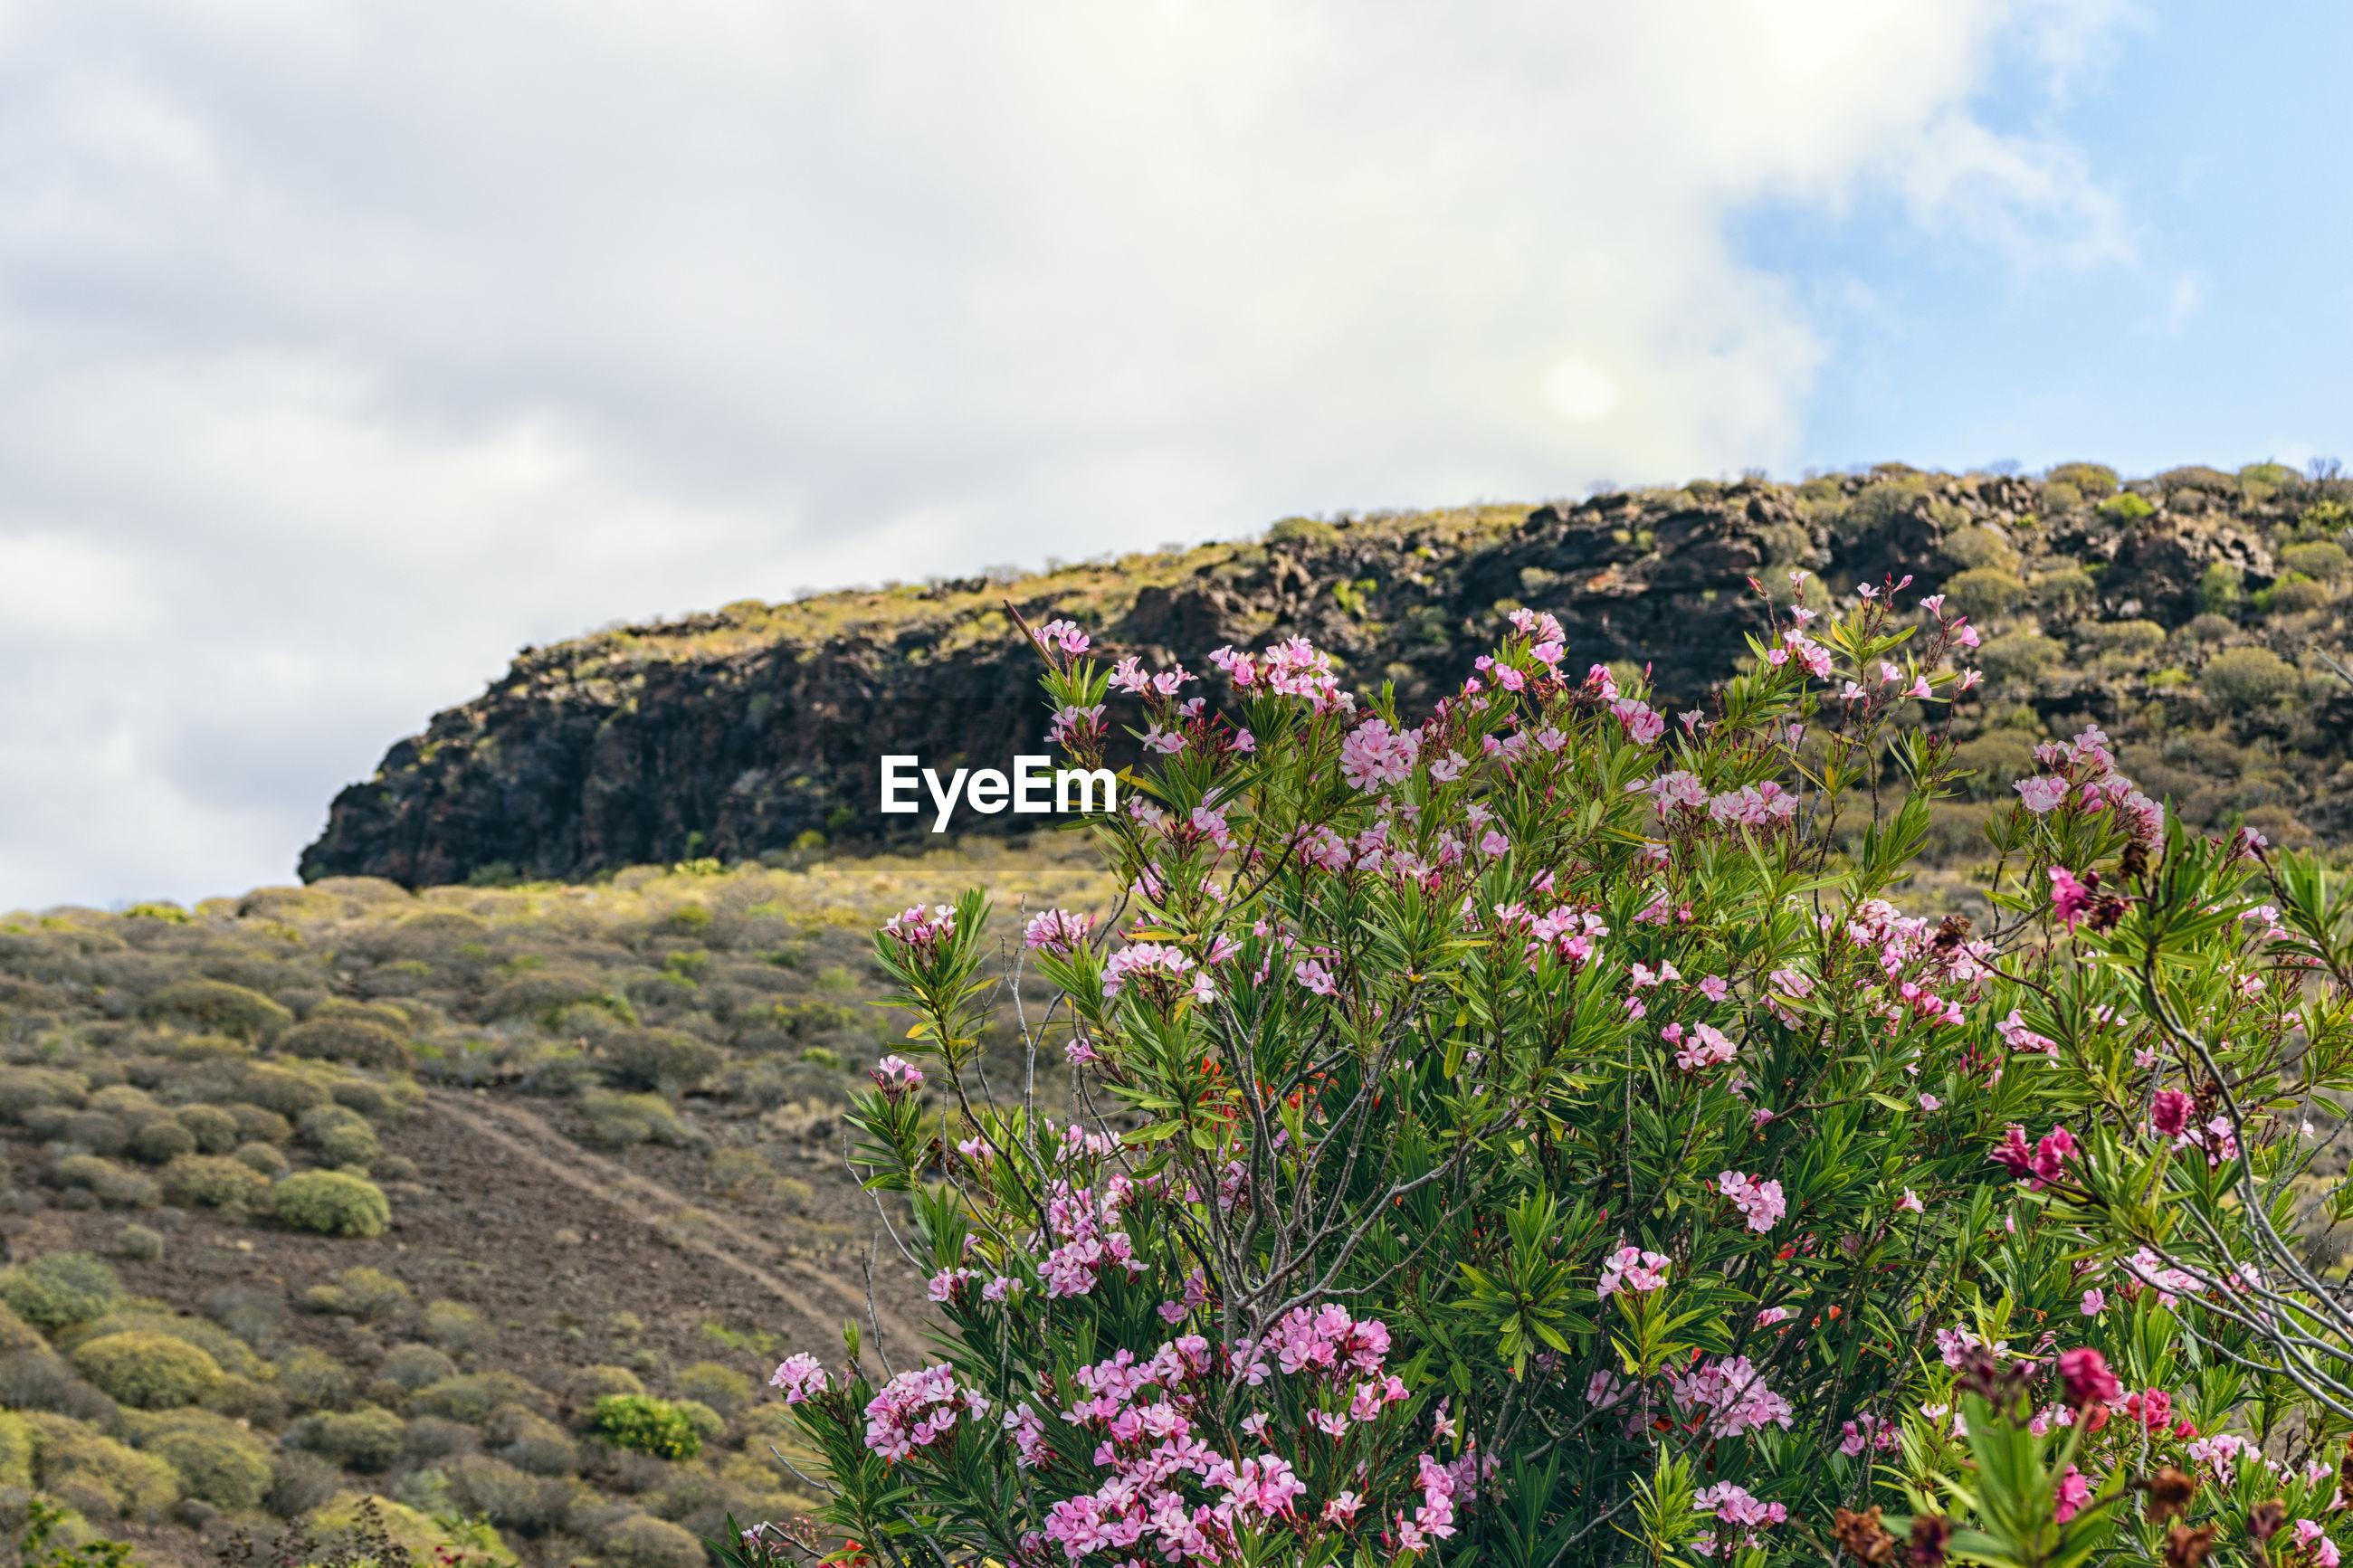 FLOWERS GROWING IN FIELD AGAINST SKY